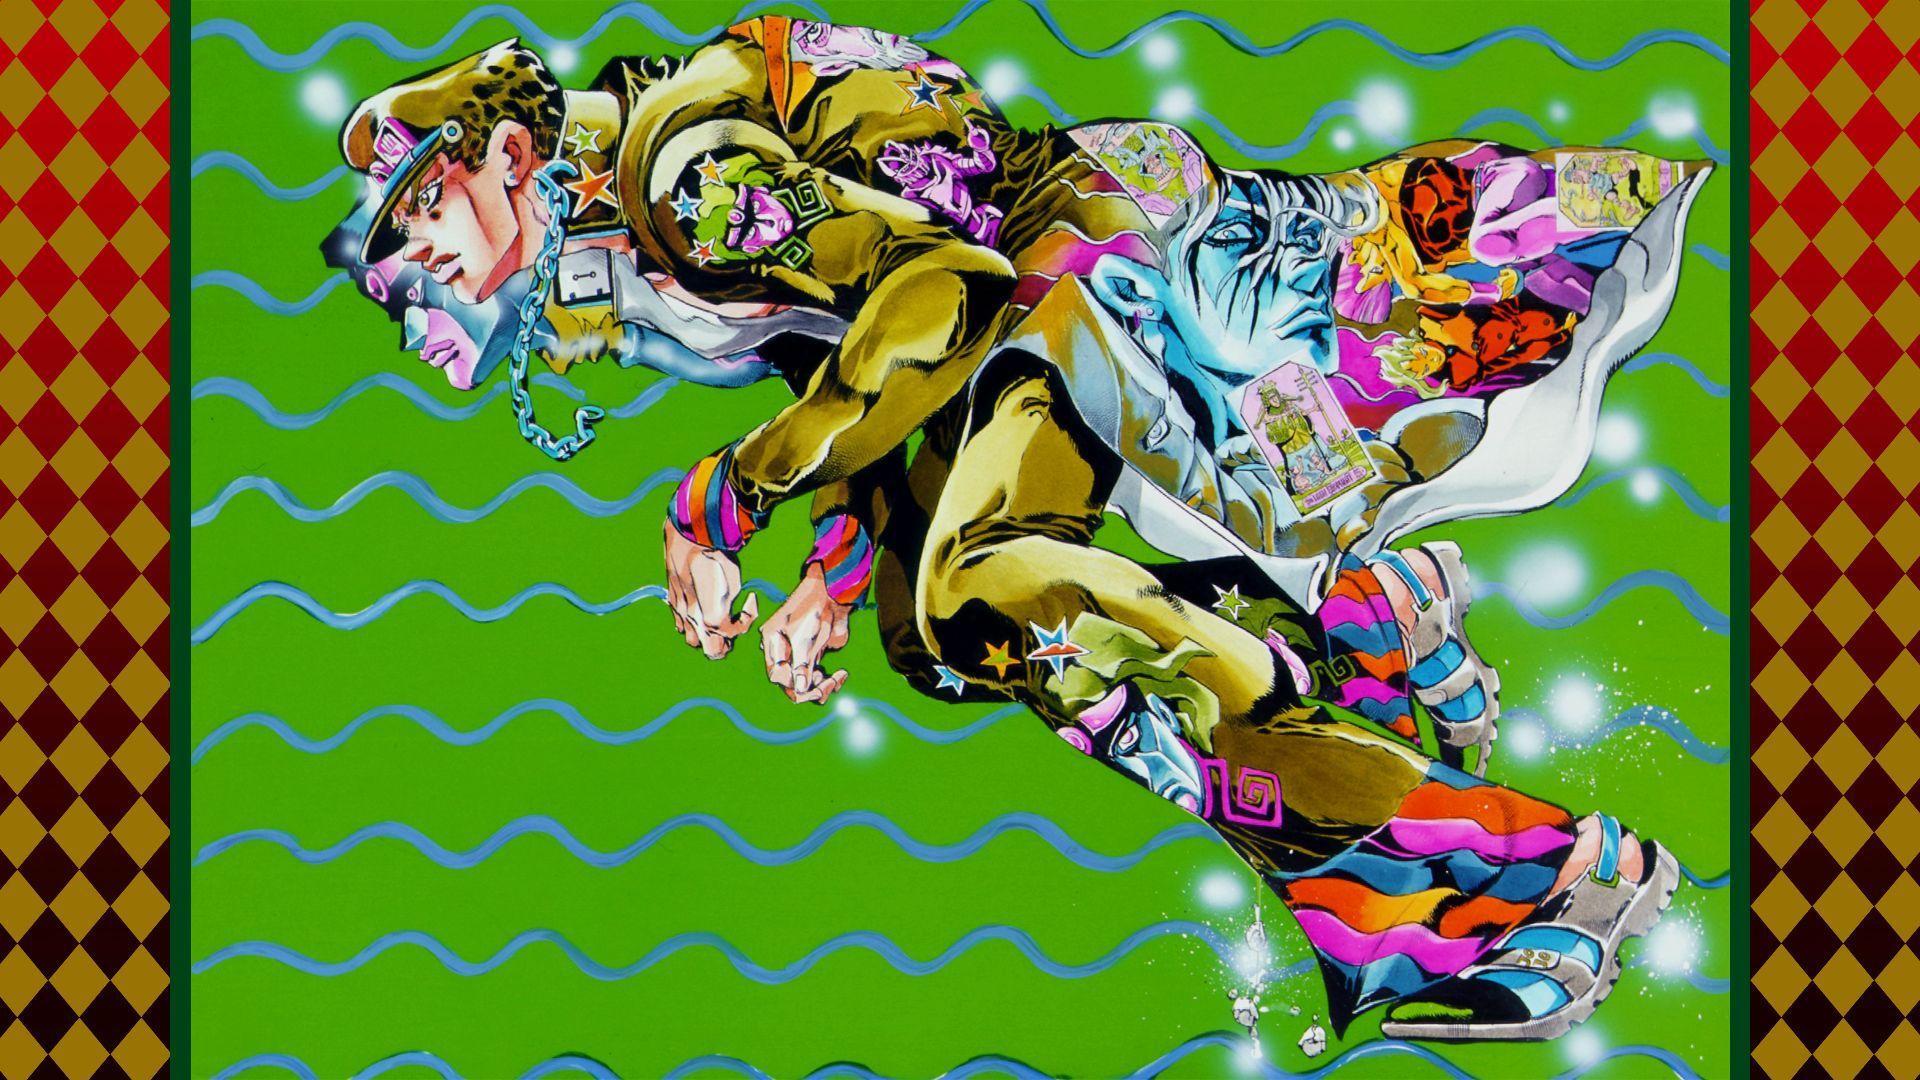 Jojo S Bizarre Adventure Wallpapers Wallpaper Cave